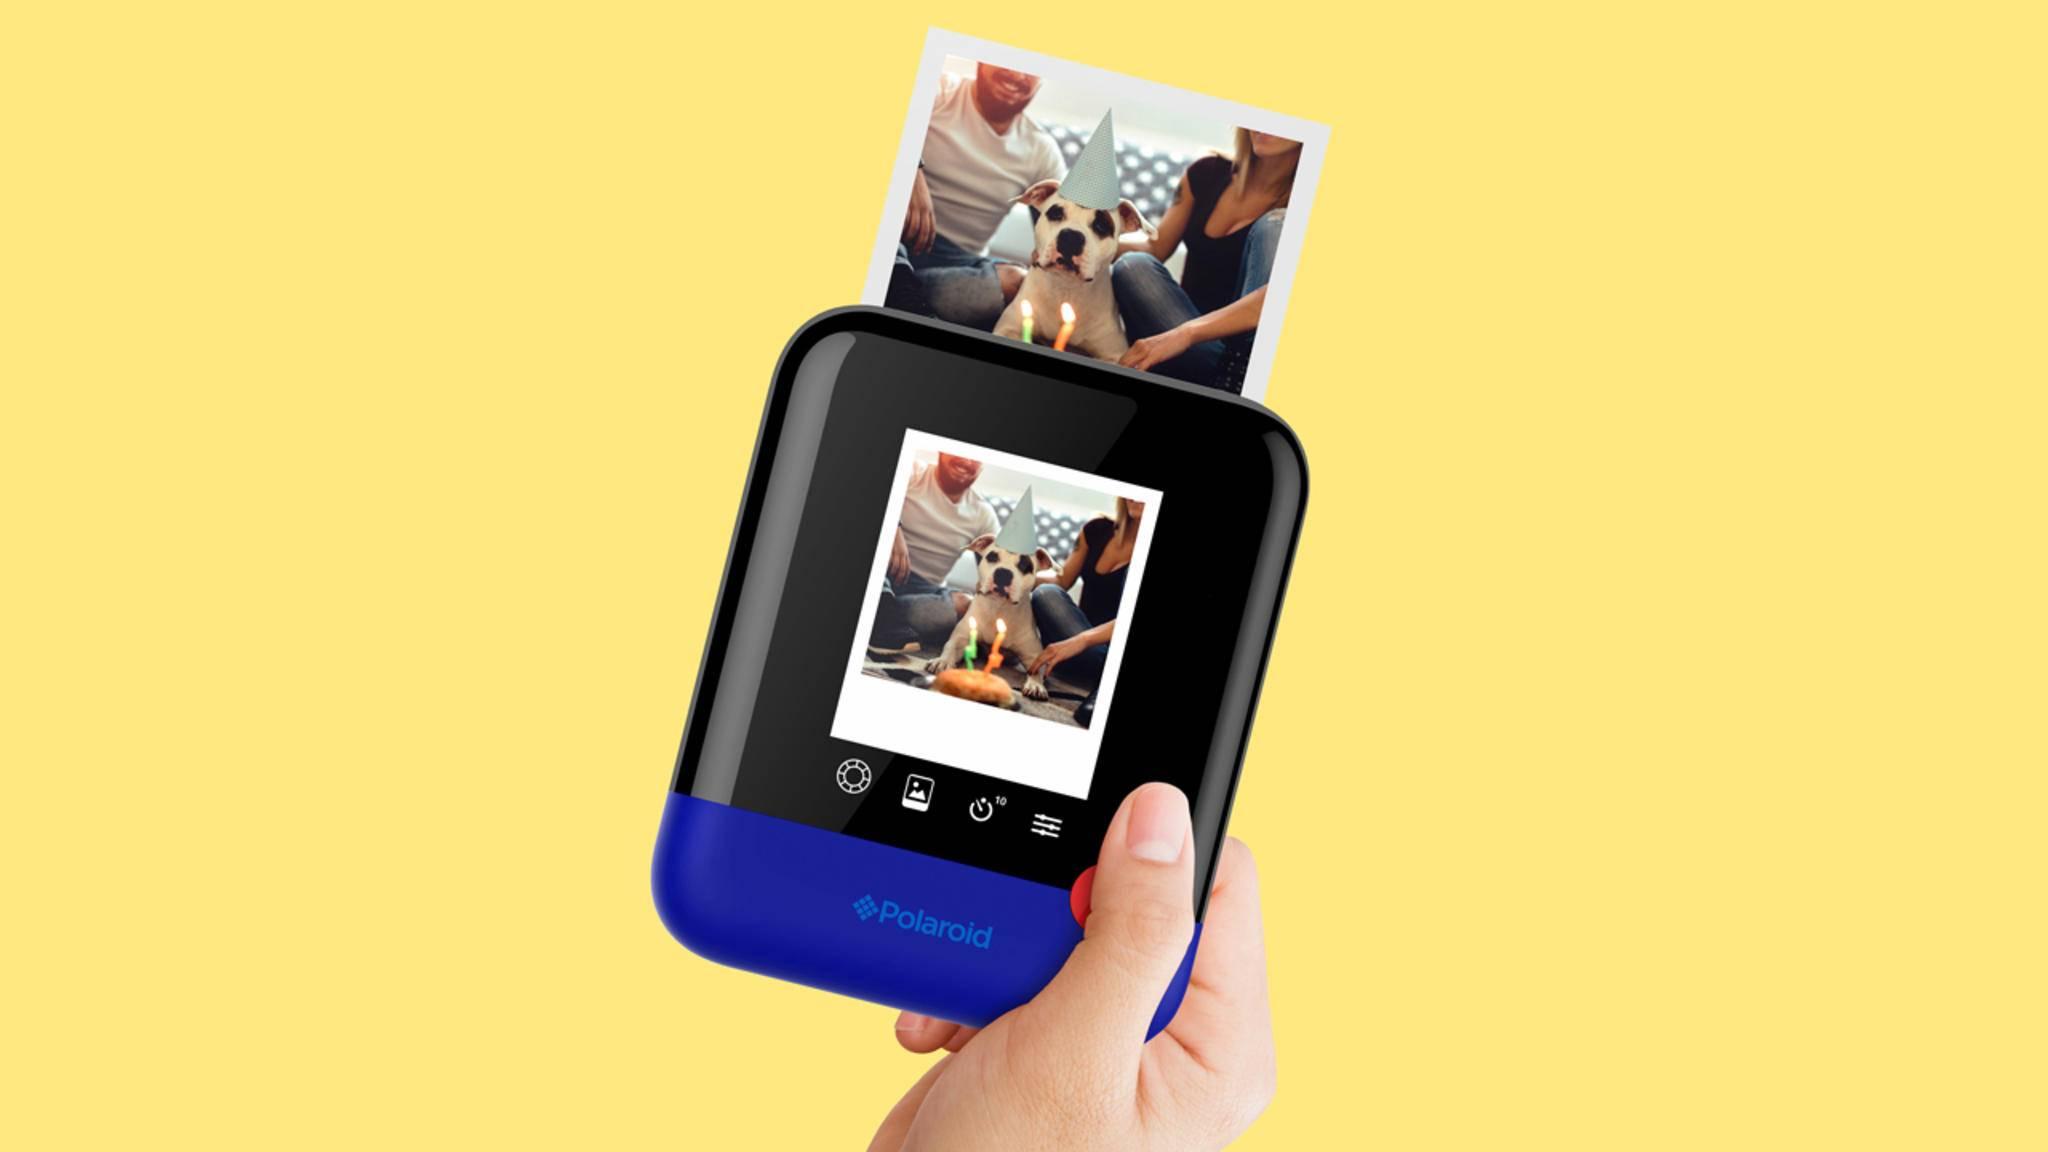 Die Polaroid Pop ist eine digitale Sofortbildkamera, die 3 x 4 Zoll große Fotos druckt.